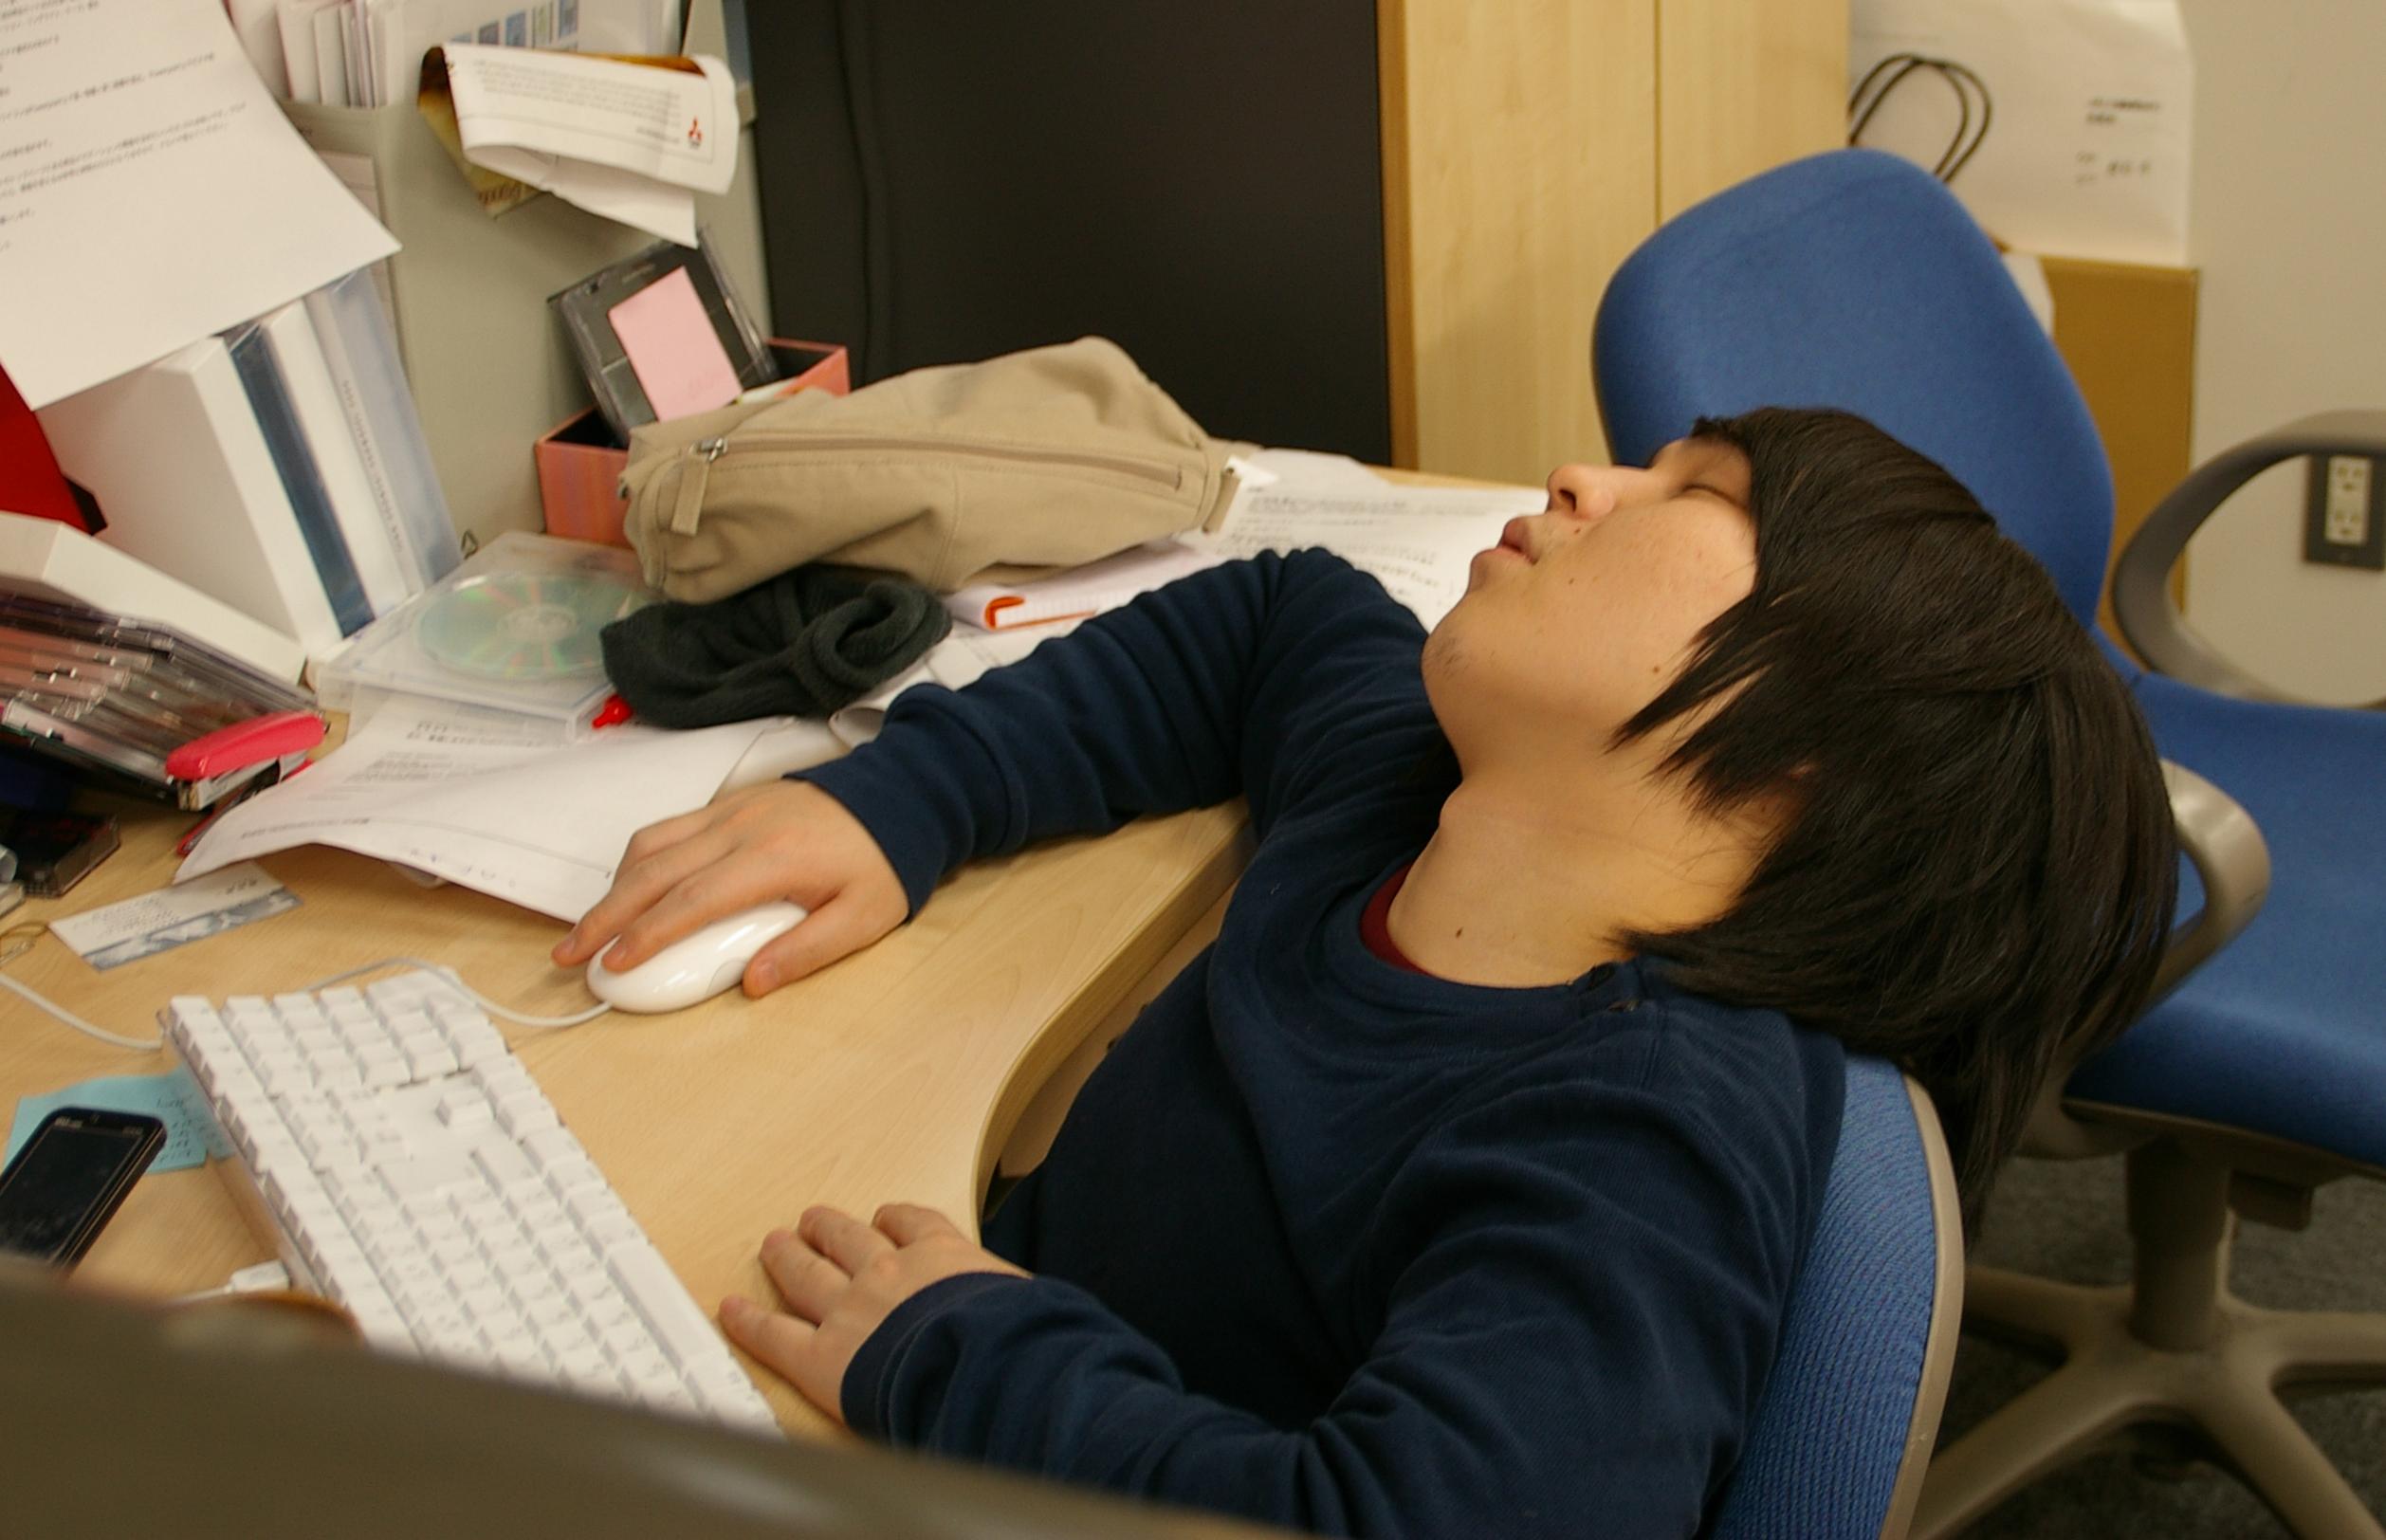 Смешные картинки про сонного человека